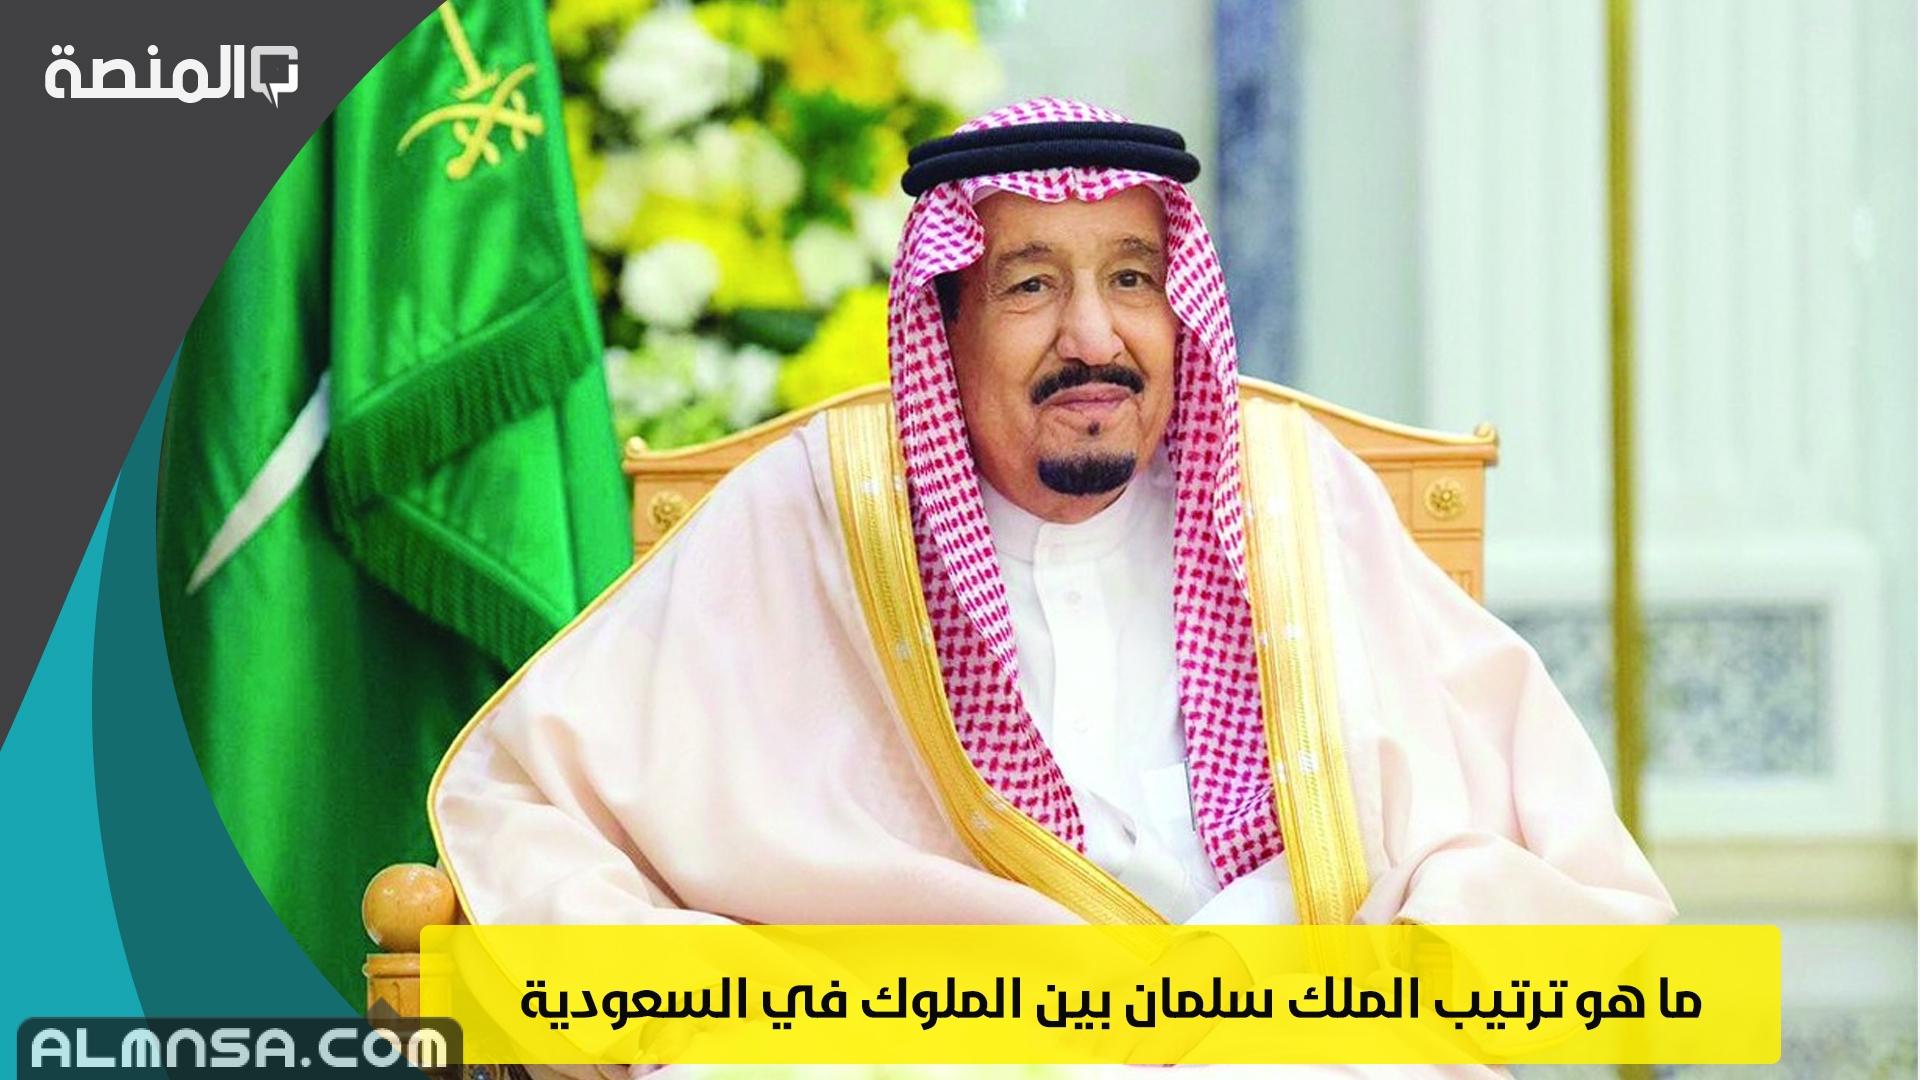 ترتيب ملوك السعودية